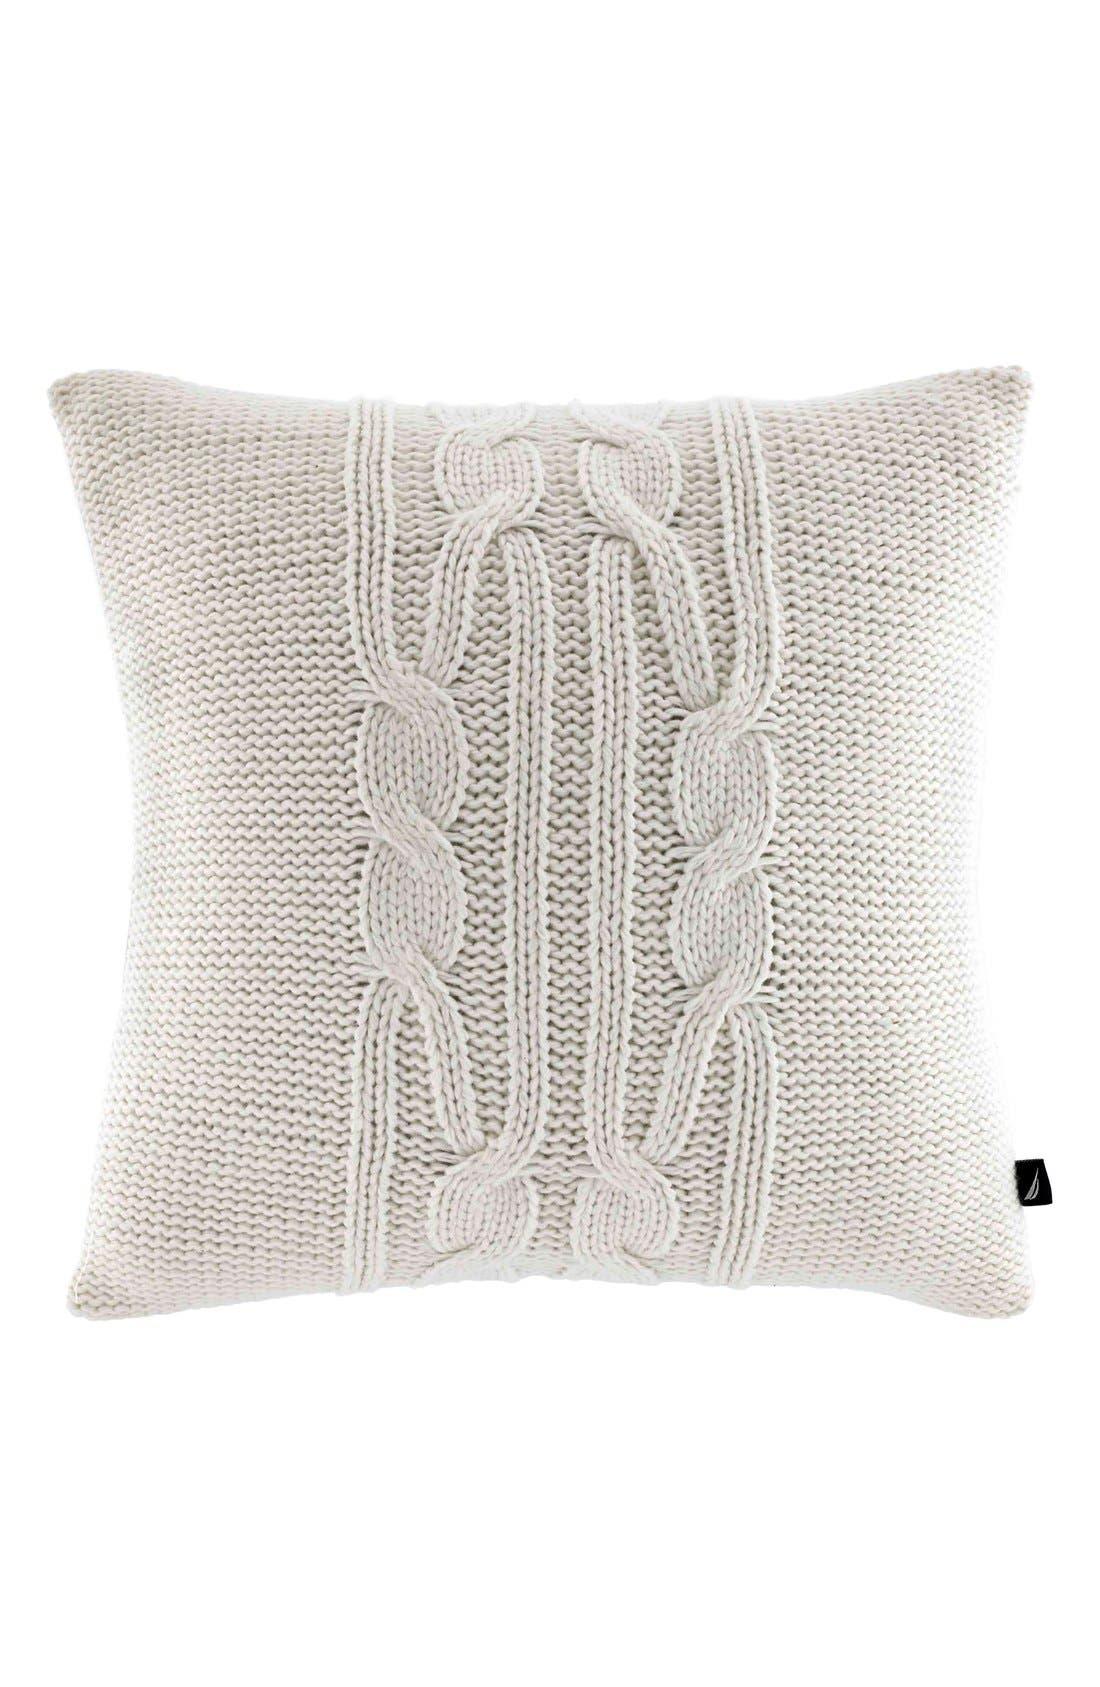 'Seaward' Knit Pillow,                             Main thumbnail 1, color,                             104